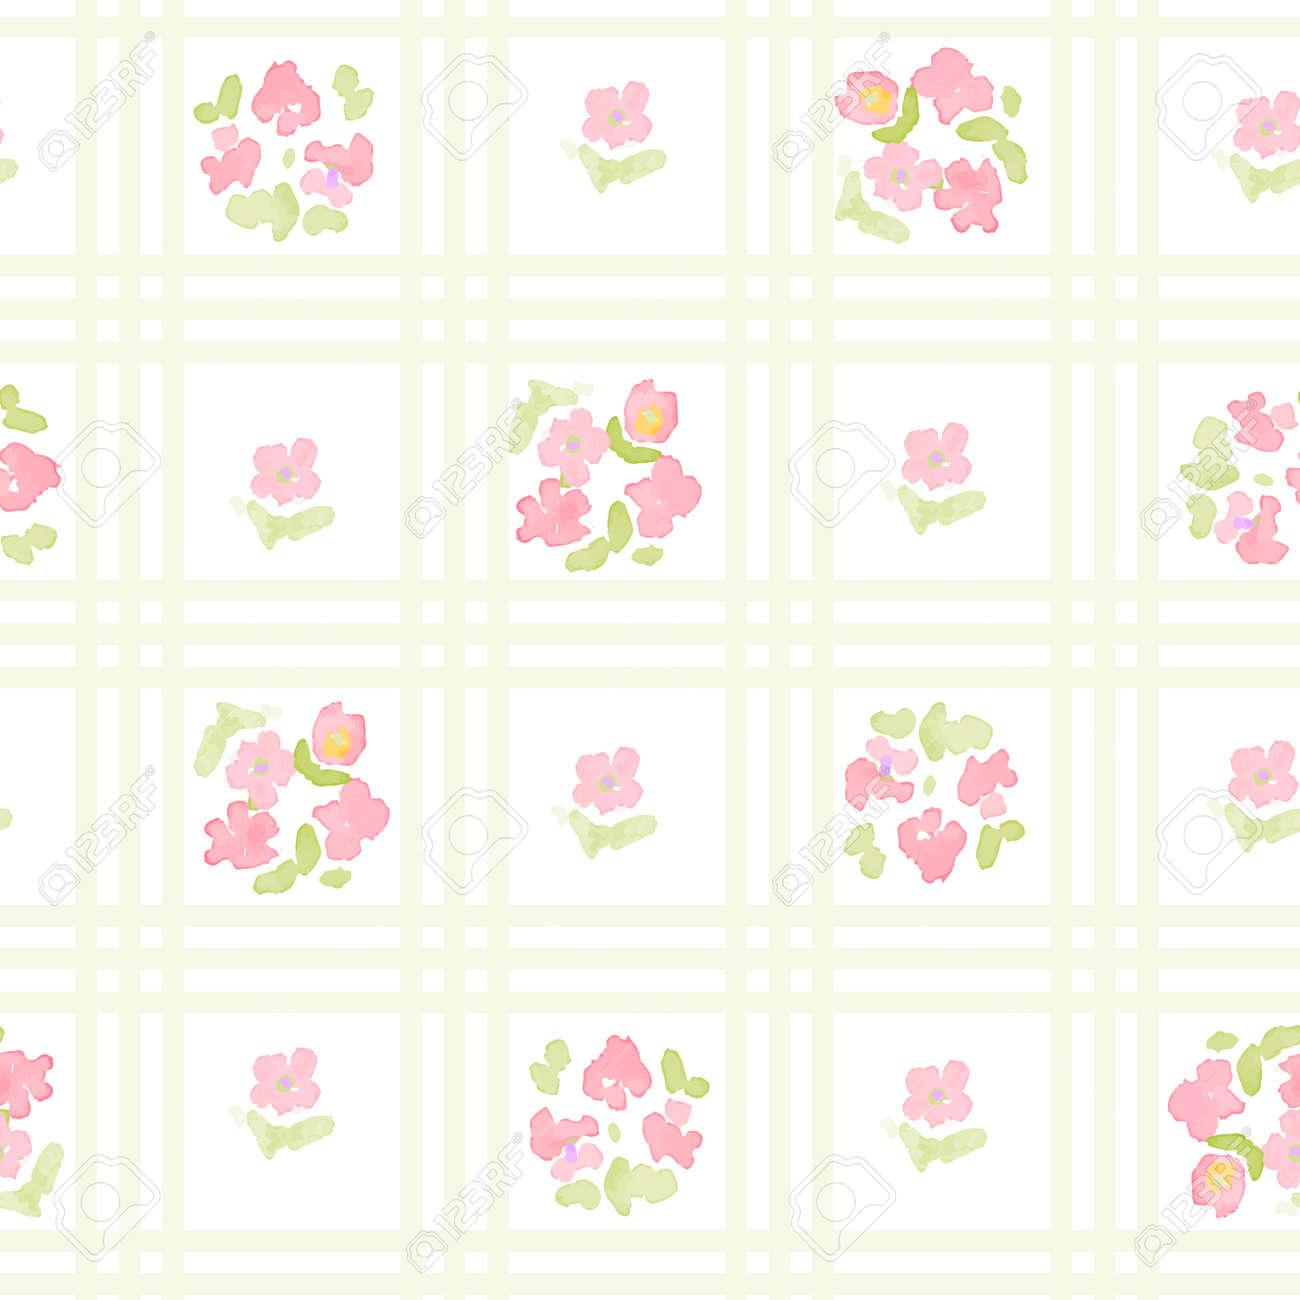 ストライプ クロスの英語花柄 ヴィンテージの花壁紙のイラスト素材